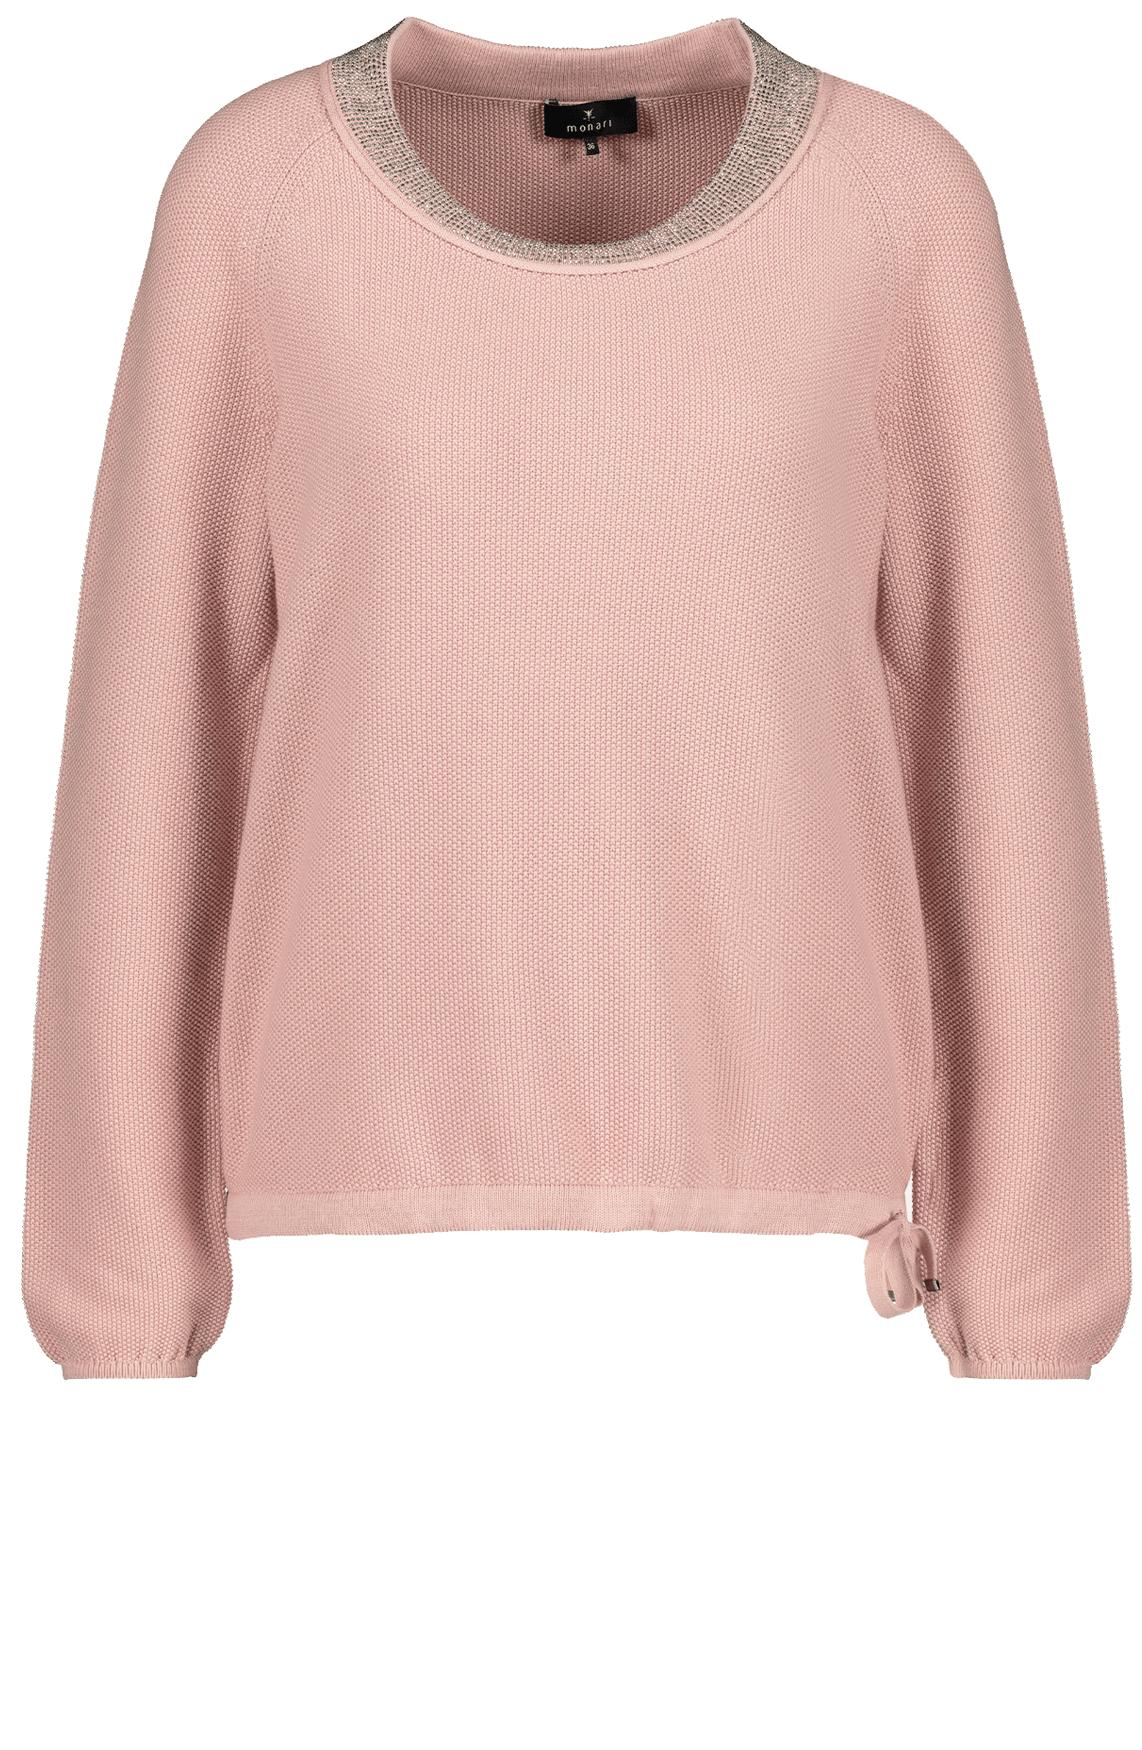 Monari Dames Pullover met strass hals roze